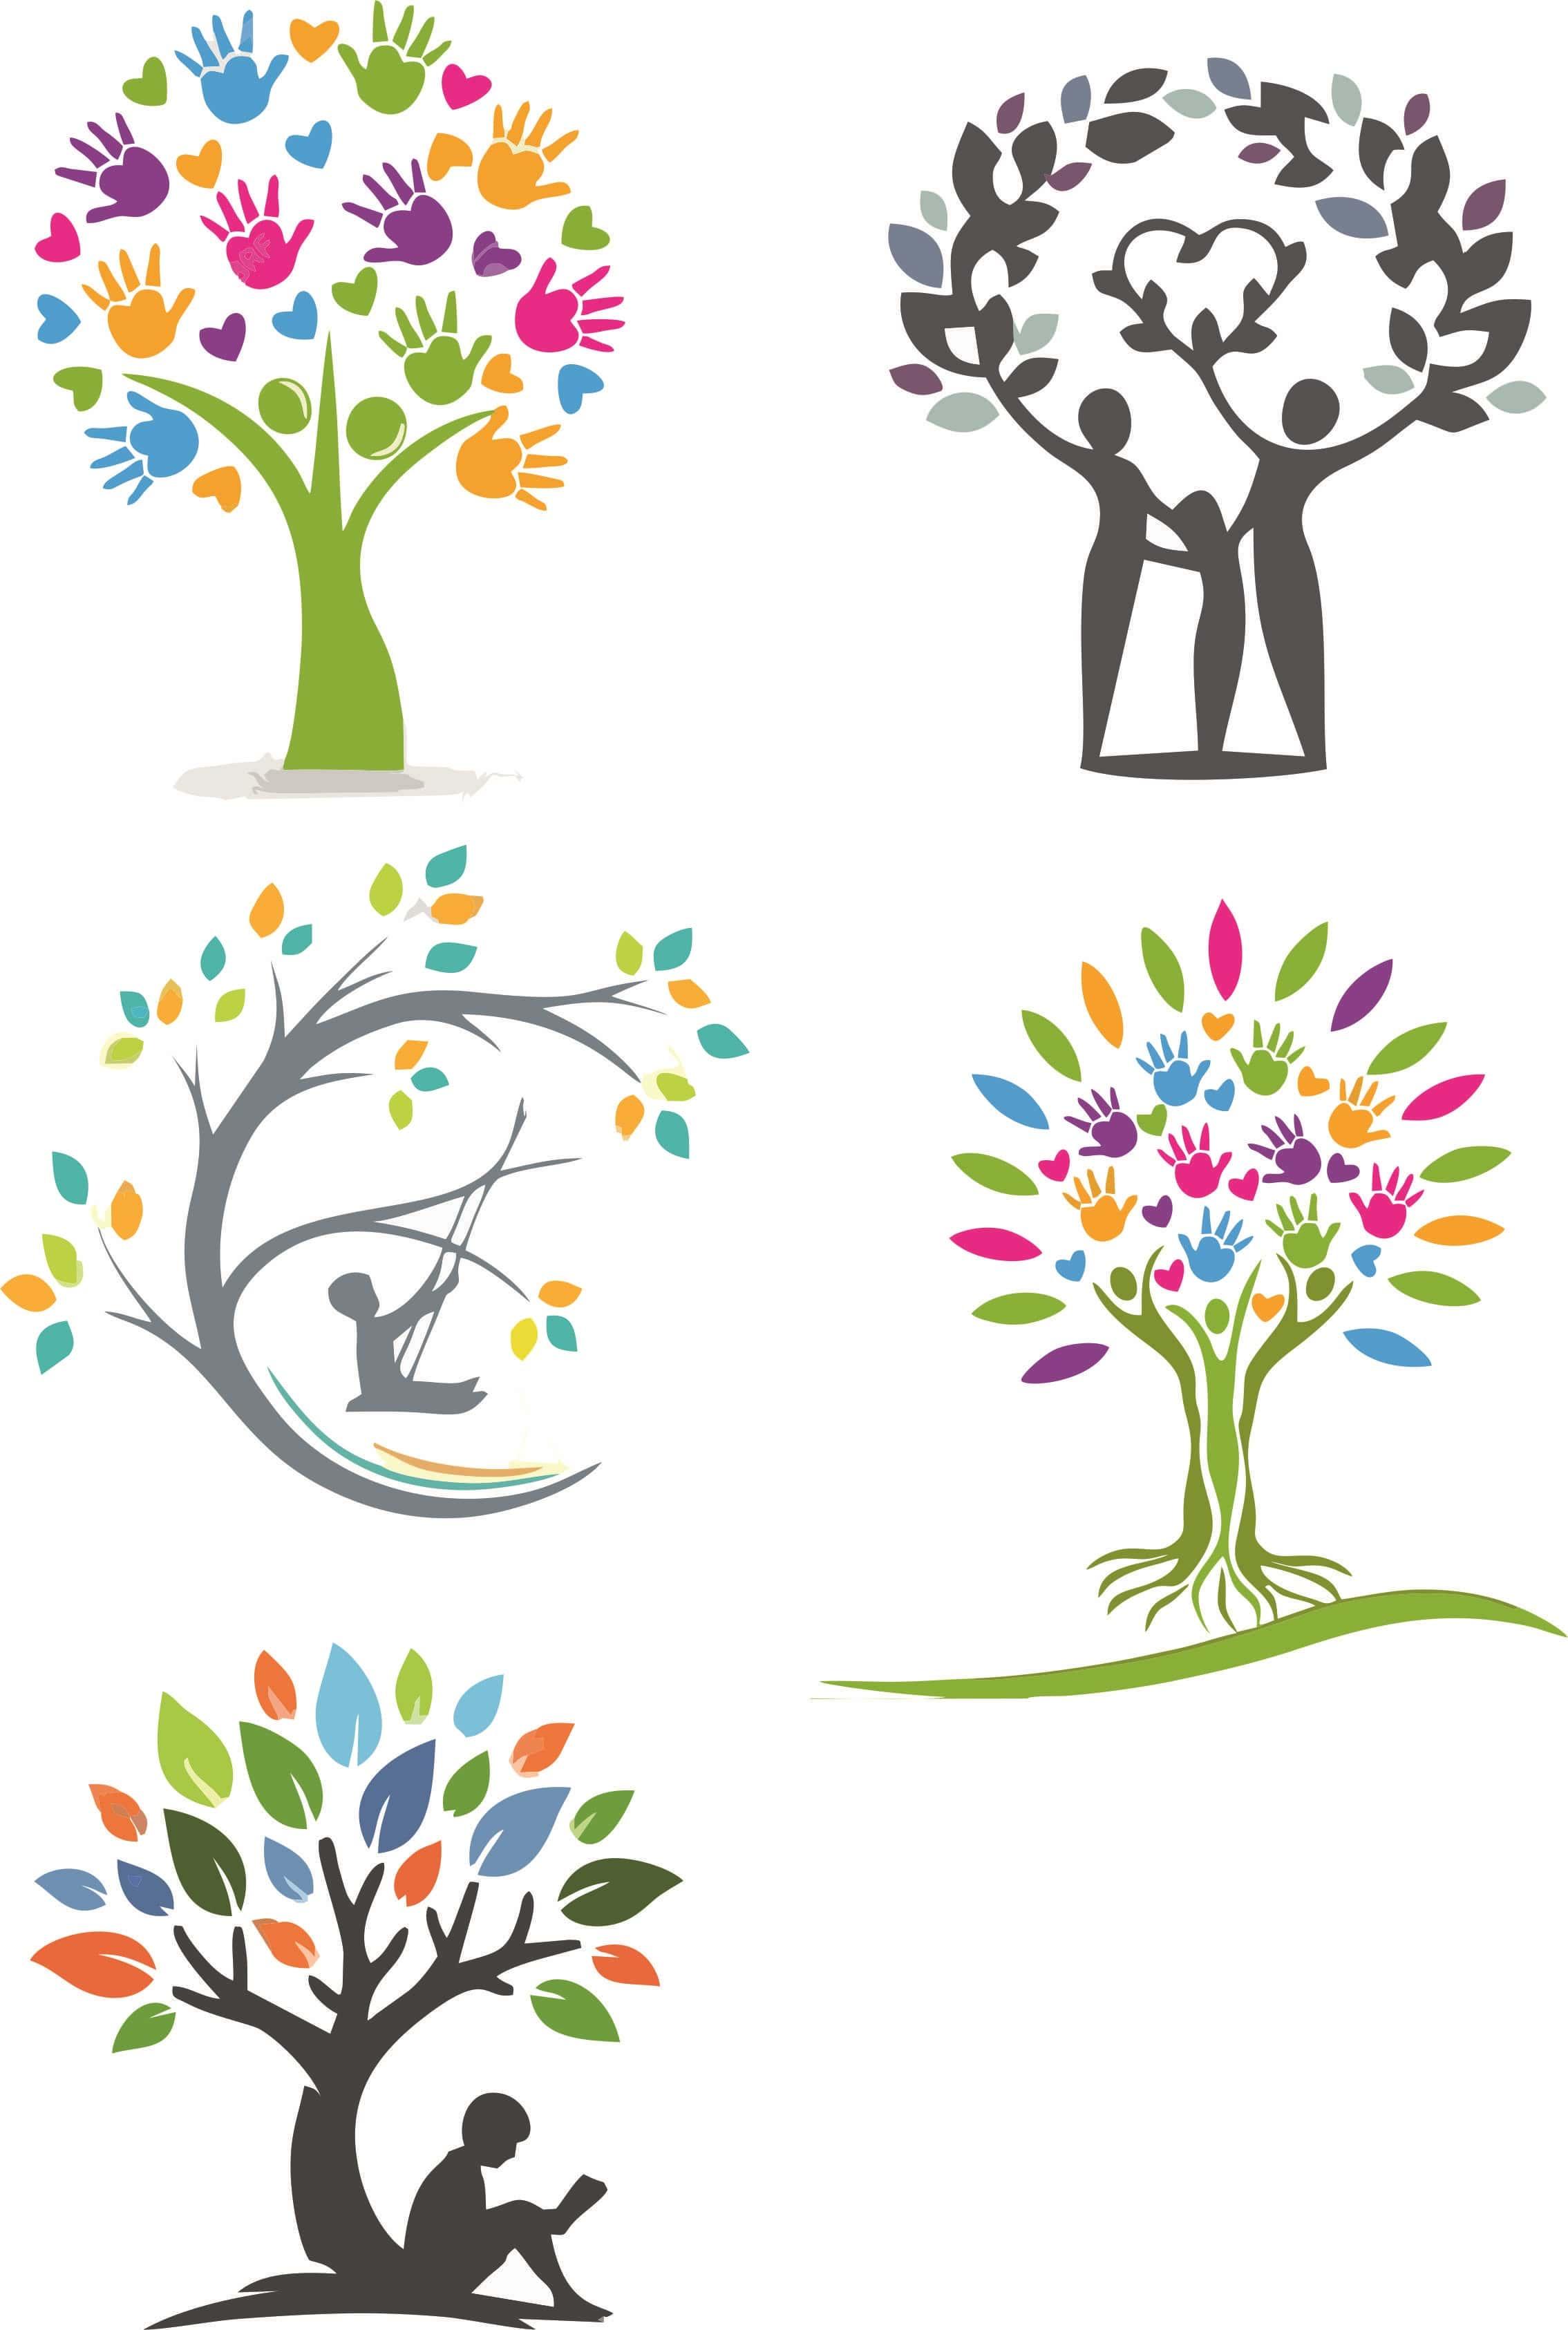 Логотип для образовательного комплекса фото f_3925c8b94c8a541b.jpg